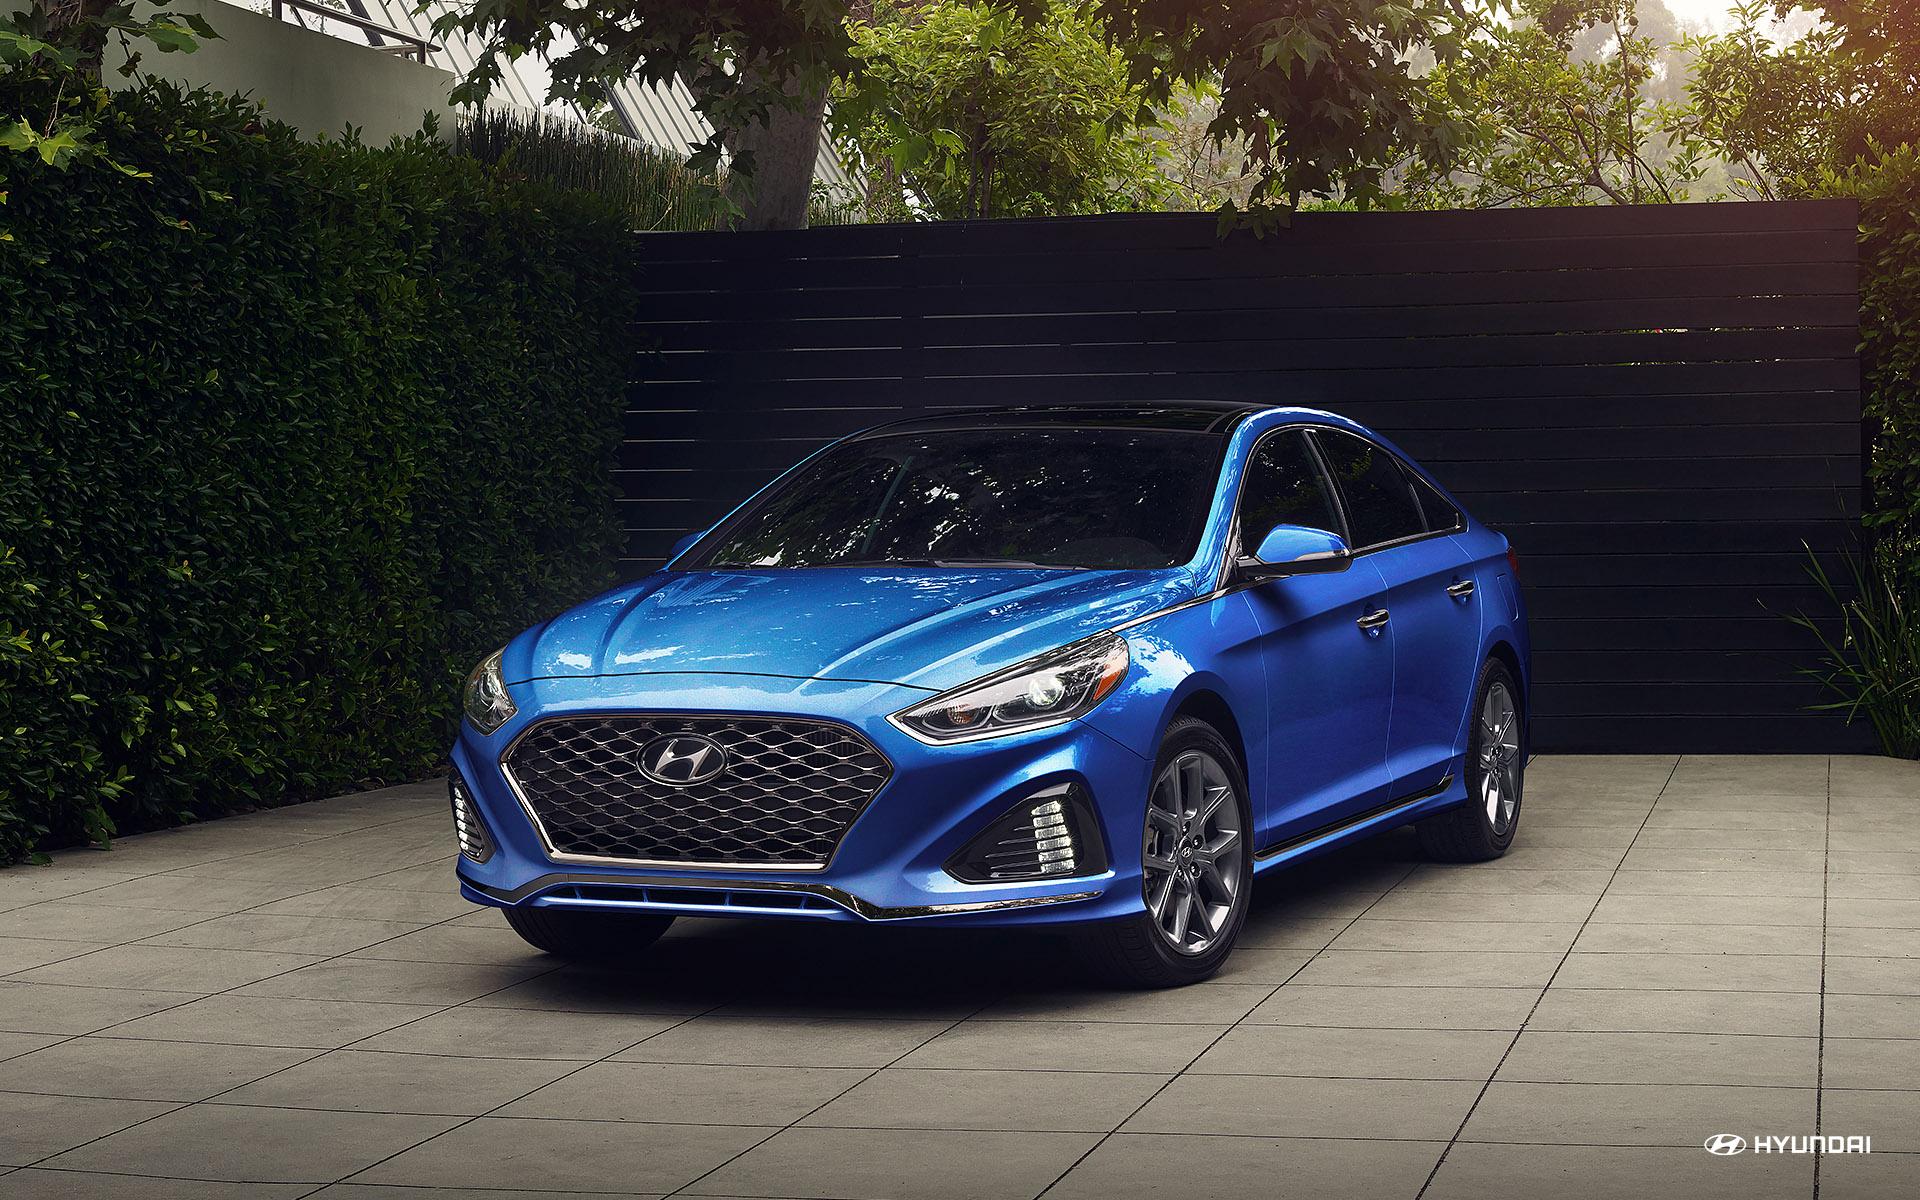 2019 Hyundai Sonata Leasing near Glen Allen, VA